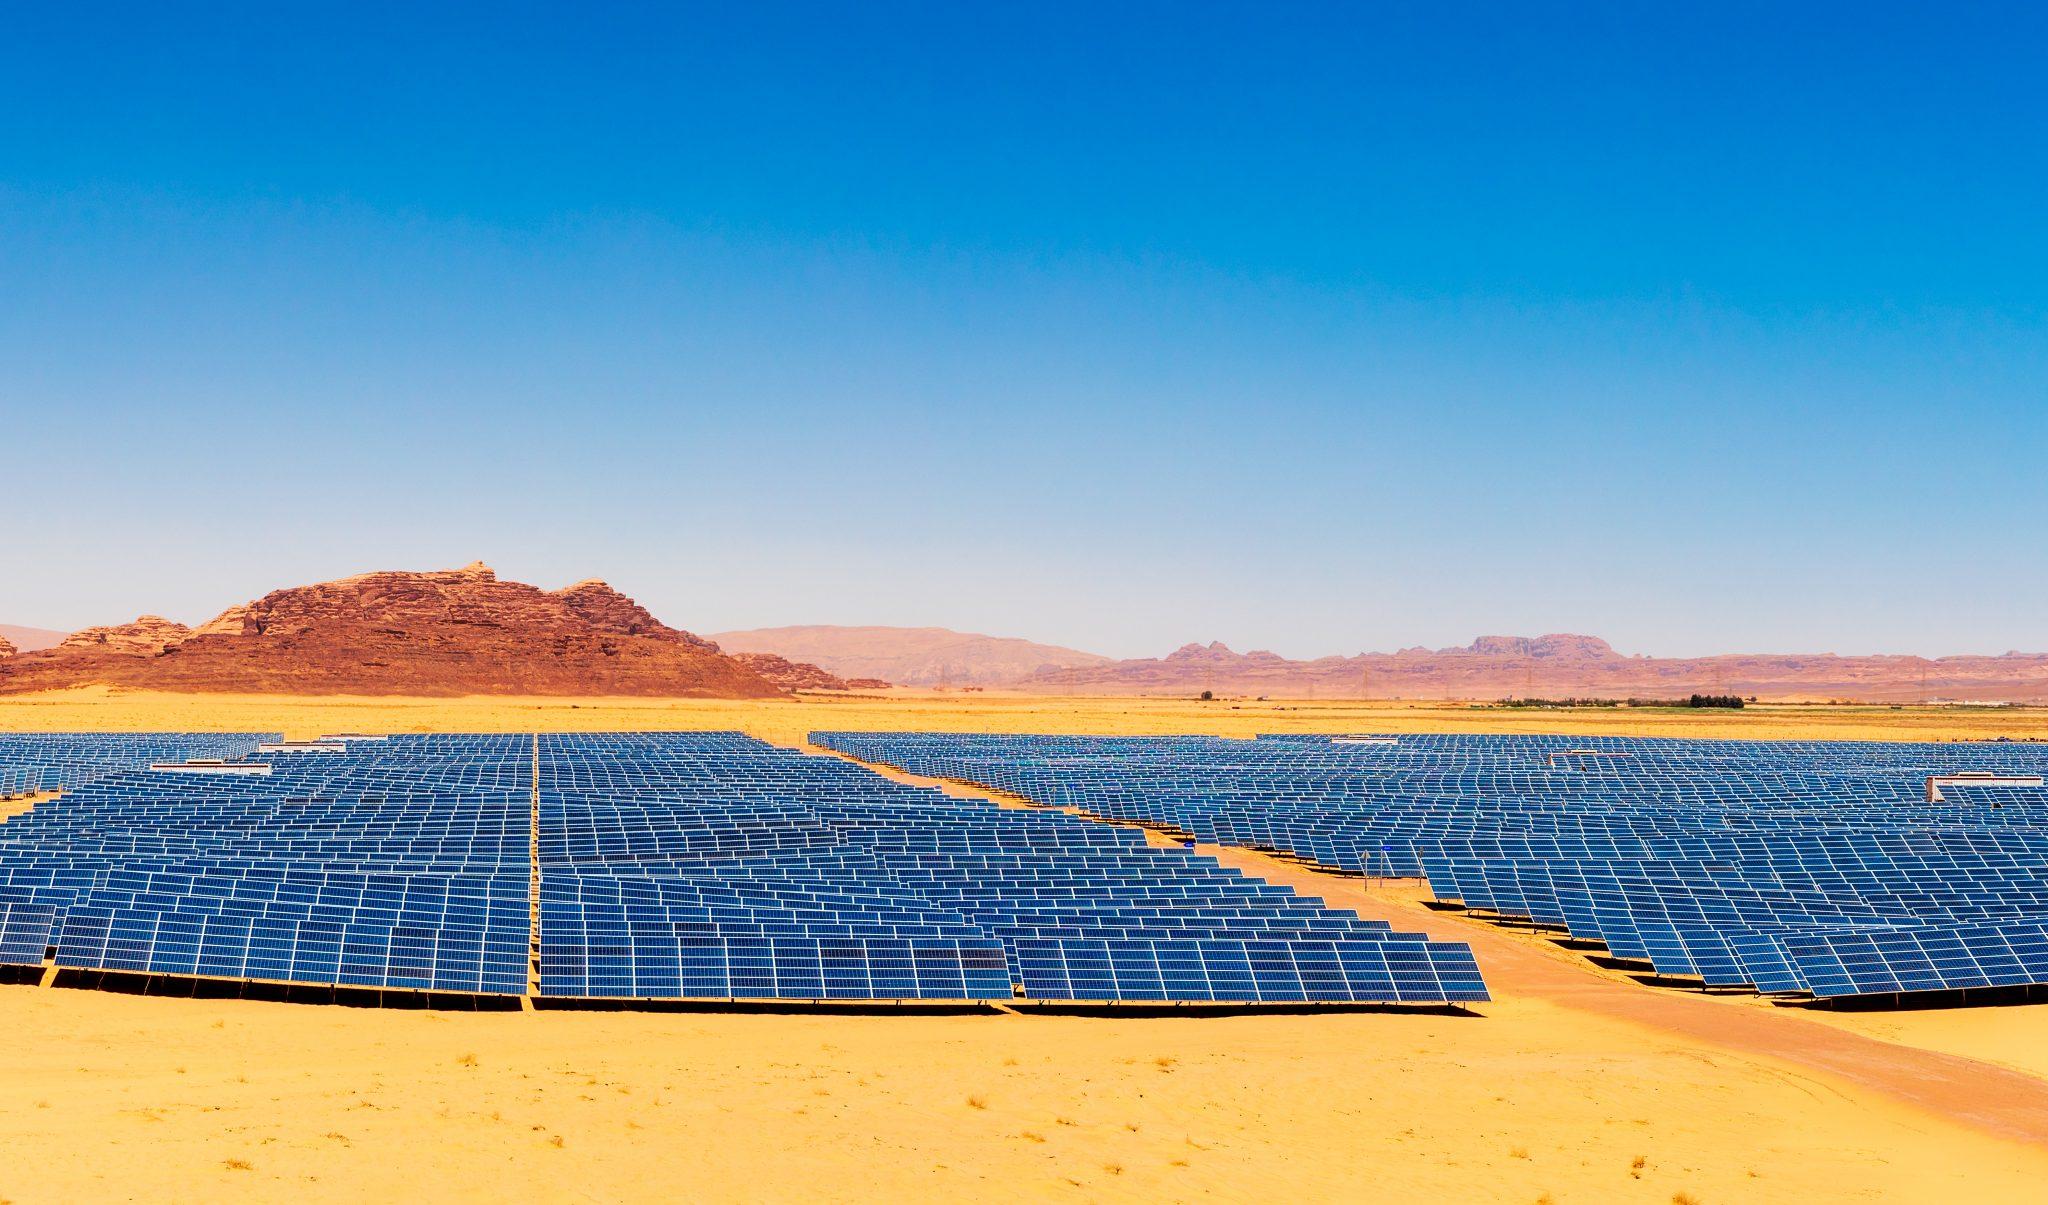 Solar Power Plant In A Desert